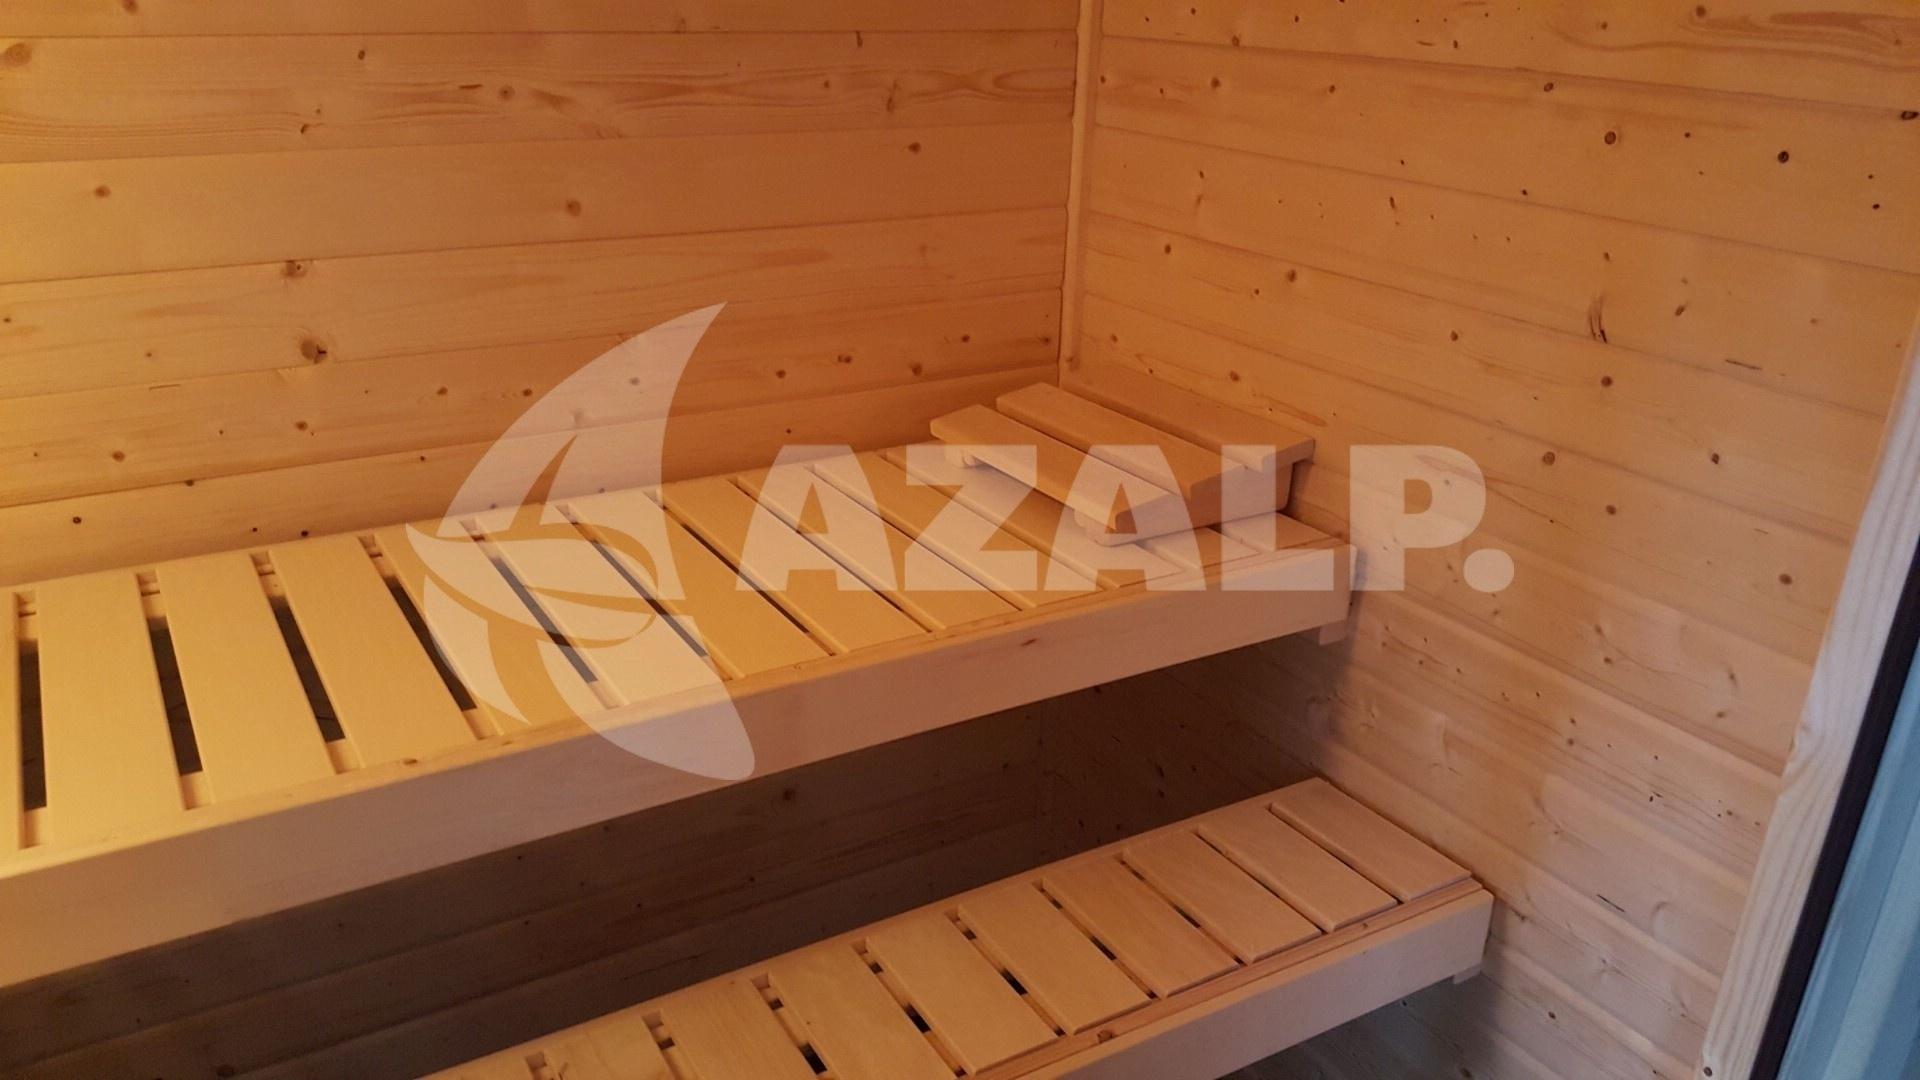 social media dating sites. Black Bedroom Furniture Sets. Home Design Ideas